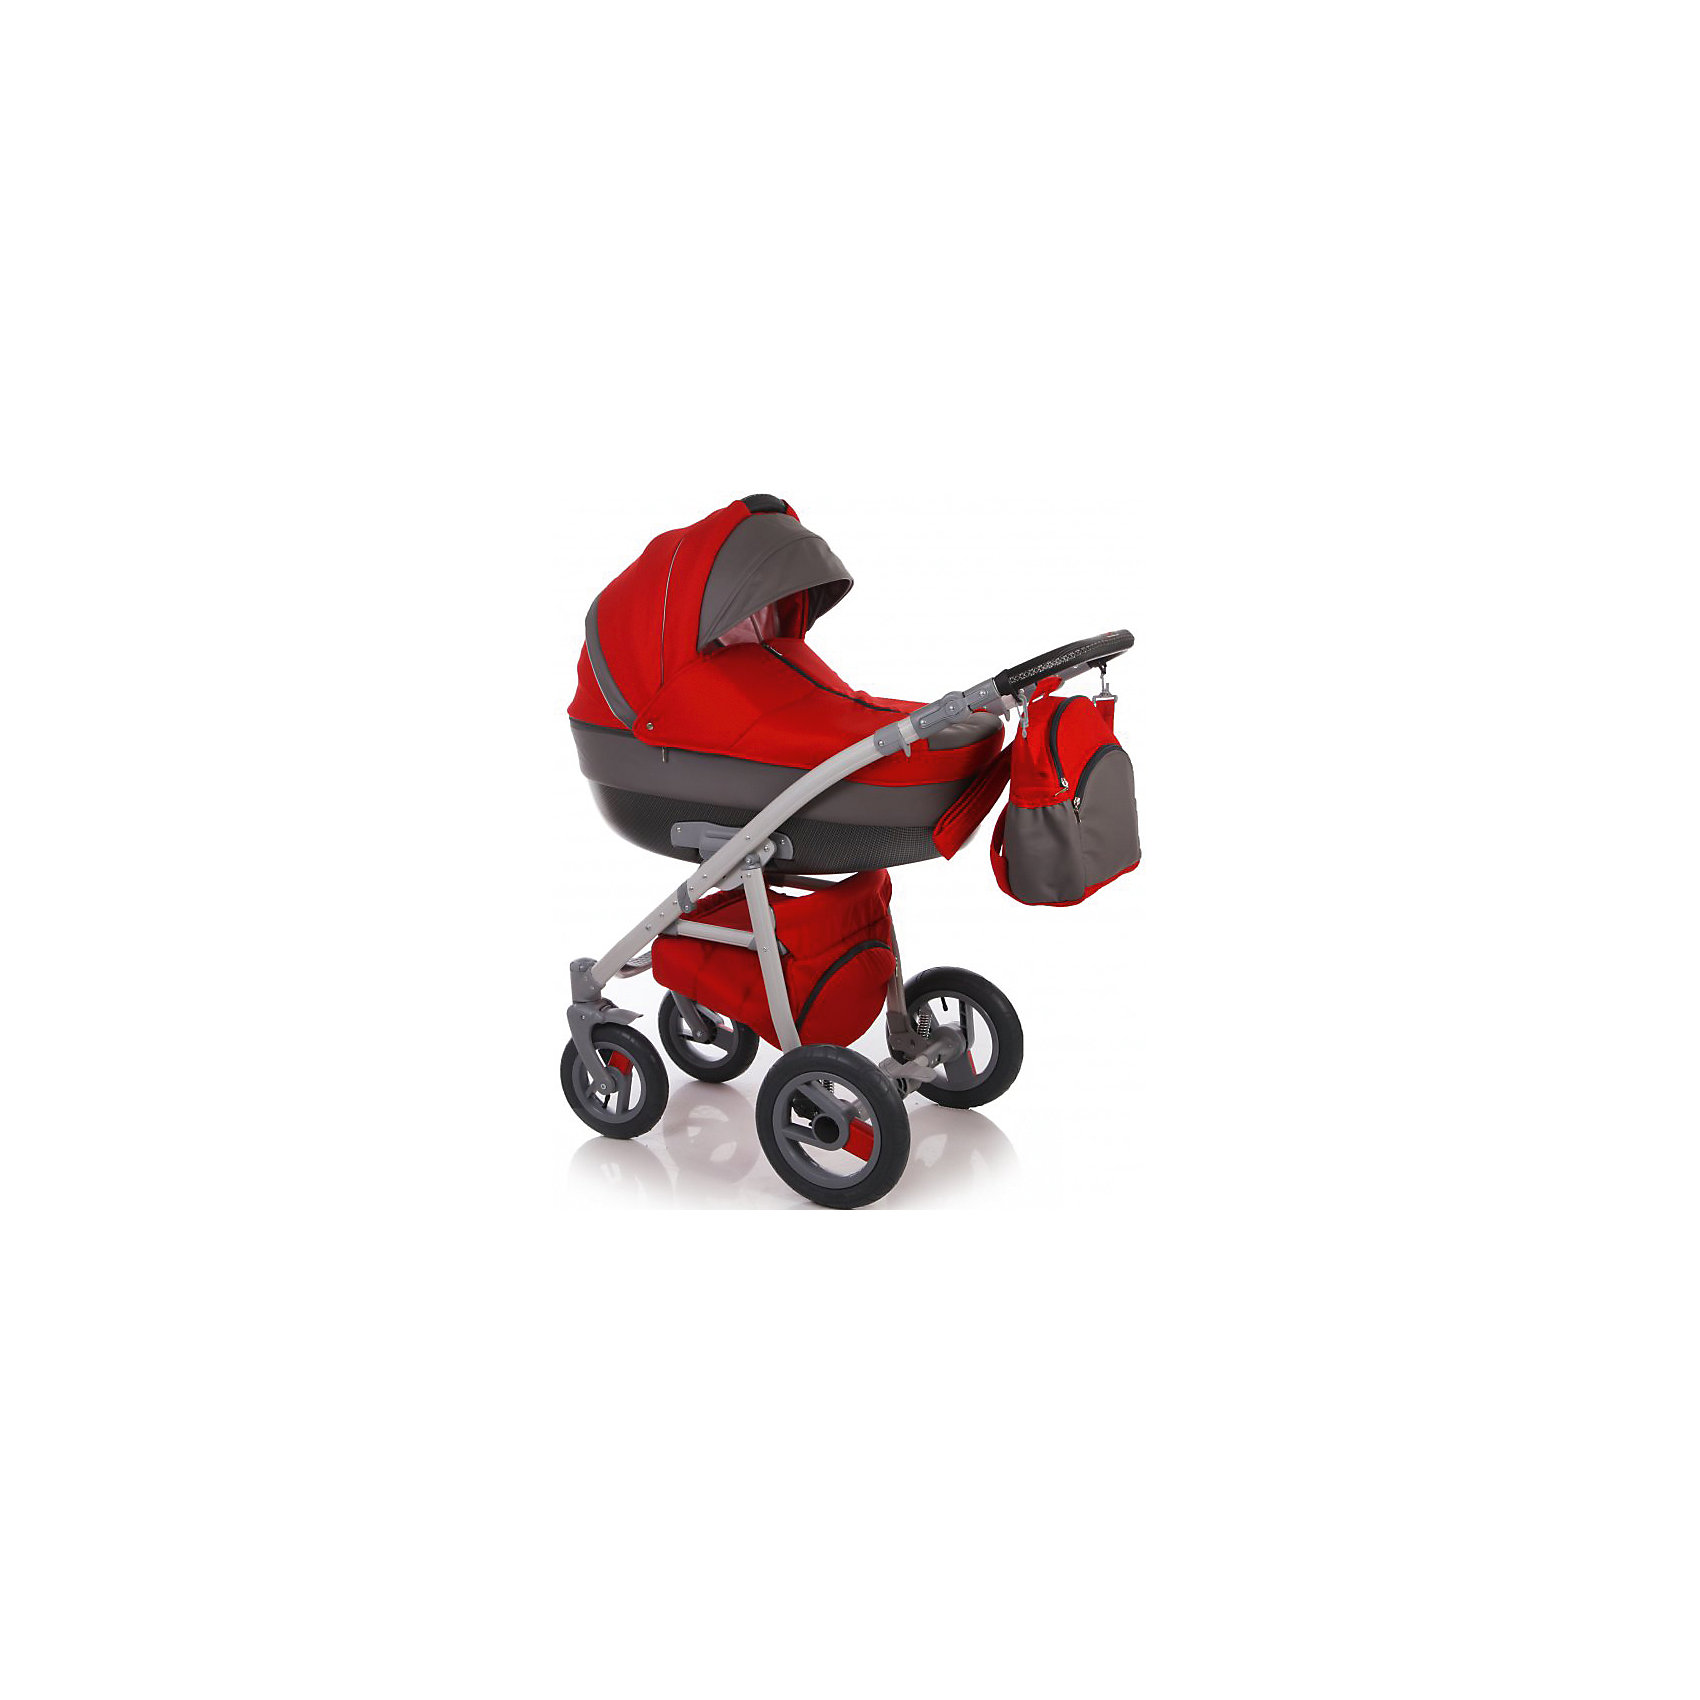 Коляска 2 в 1 Ifratti SPORT, т.серый/красныйКоляски 2 в 1<br>Ifratti Sport - это новая, исключительно практичная, манёвренная и лёгкая  в управлении коляска на алюминиевой раме и с возможностью установки автомобильного кресла. Оригинальный вариант сочетания теснённой кожи с тканью лён– обратит на себя внимание даже самого предвзятого покупателя. Конструкция рамы имеет мягкую подвеску передней и задней оси, удобную, регулируемую по высоте ручку, с обшивкой из эко кожи, а так же – большую, металлическую вместительная корзину-сетку для покупок. Капоры люльки и прогулочного блока, оснащены тихой системой регулировки, имеют складной, солнцезащитный козырёк, отстёгиваемый сегмент обивки, под которым находится большое вентиляционное окно с москитной сеткой, что особенно важно в жаркие летние дни. Оба модуля коляски, устанавливаются на раме поочерёдно, в двух направлениях – лицом, либо спиной по направлению движения. <br><br>Особенности:<br>- Просторная пластиковая люлька 42/85 см) с регулируемым подголовником;                   <br>- Люлька устанавливается в 2х направлениях лицом к маме, лицом к дороге;           - Простая и удобная система крепления на раму;<br>- Съемная подкладка из 100% хлопка, с возможностью стирки;<br>- Капюшон складной, съемный с вентиляционным окошком;<br>- Опускающийся козырёк для защиты от непогоды;<br>- Бесшумная система складывания капора;<br>- Кожаная ручка, для использования люльки в качестве переноски;<br>- Размер спального места ДхШхВ: 82 см х 39 см х 23см.Прогулочный блок для детей от 6 месяцев  до 3-х лет;<br>- Удобное, широкое посадочное место;<br>- Полная регулировка спинки до положения лёжа;<br>-  Регулировка подножки по высоте;<br>- Пятиточечные ремни безопасности;<br>- Съёмный передний поручень с разделительной перемычкой между ножек;<br>- Регулировка ручки по высоте;<br>- Надежный центральный тормоз.<br>- Установка прогулочного блока возможна в двух направлениях;<br>- Надувные съёмные колеса на подшипниках; <br>- Передние поворотные 